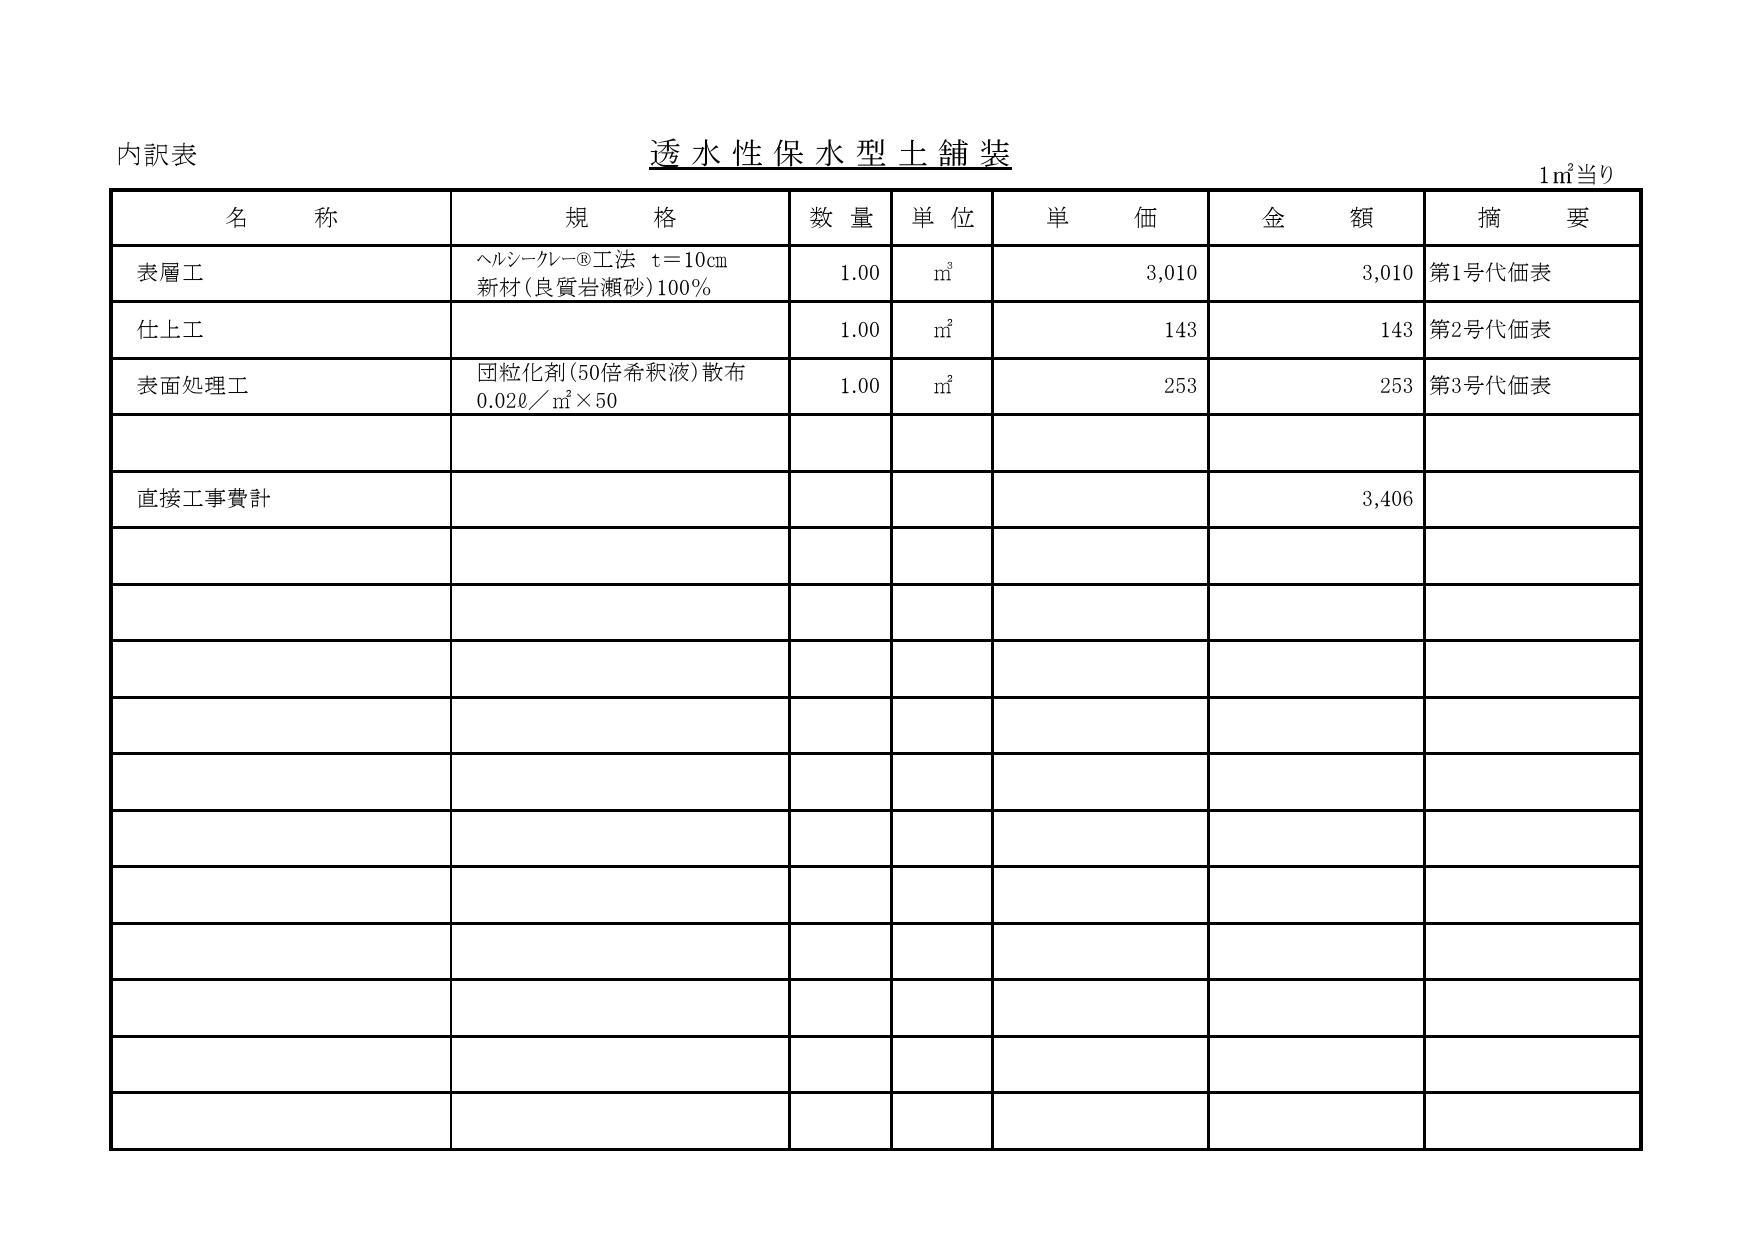 ヘルシークレー積算資料(新材100%)参考0002